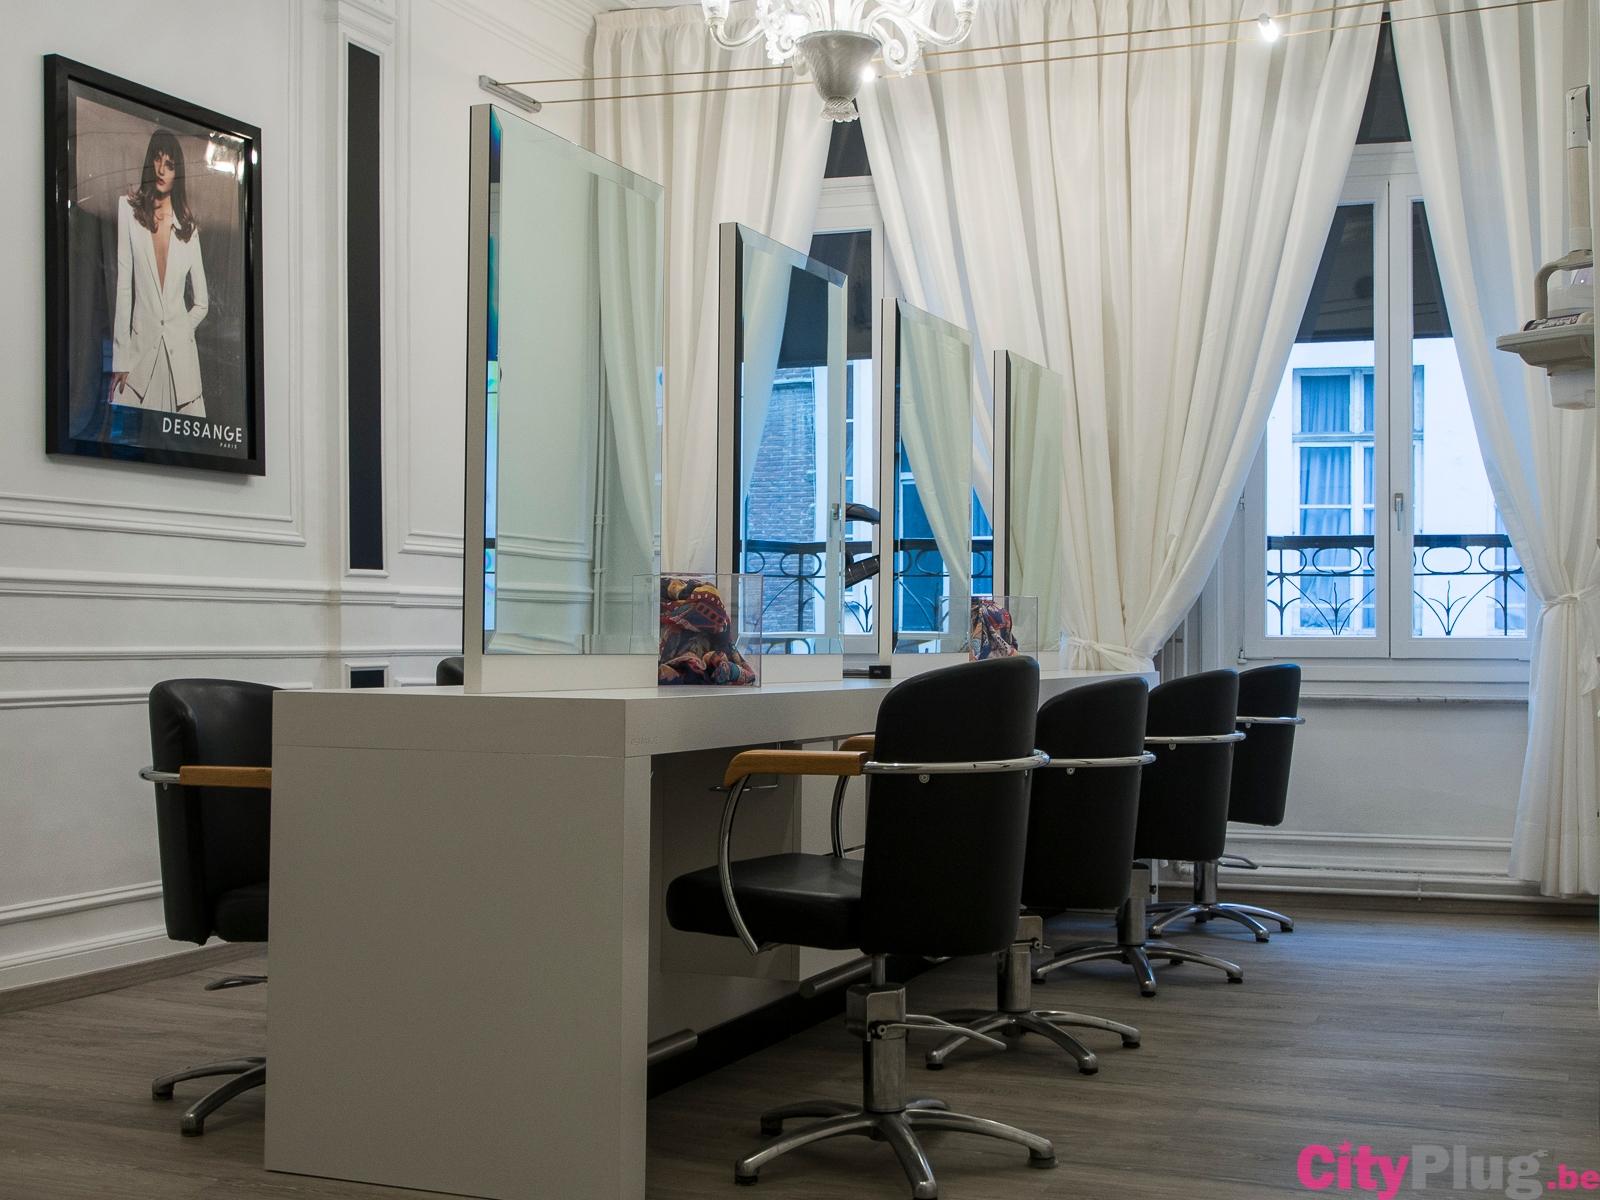 Dessange depuis 60 ans et pour toujours for Dessange salon de coiffure